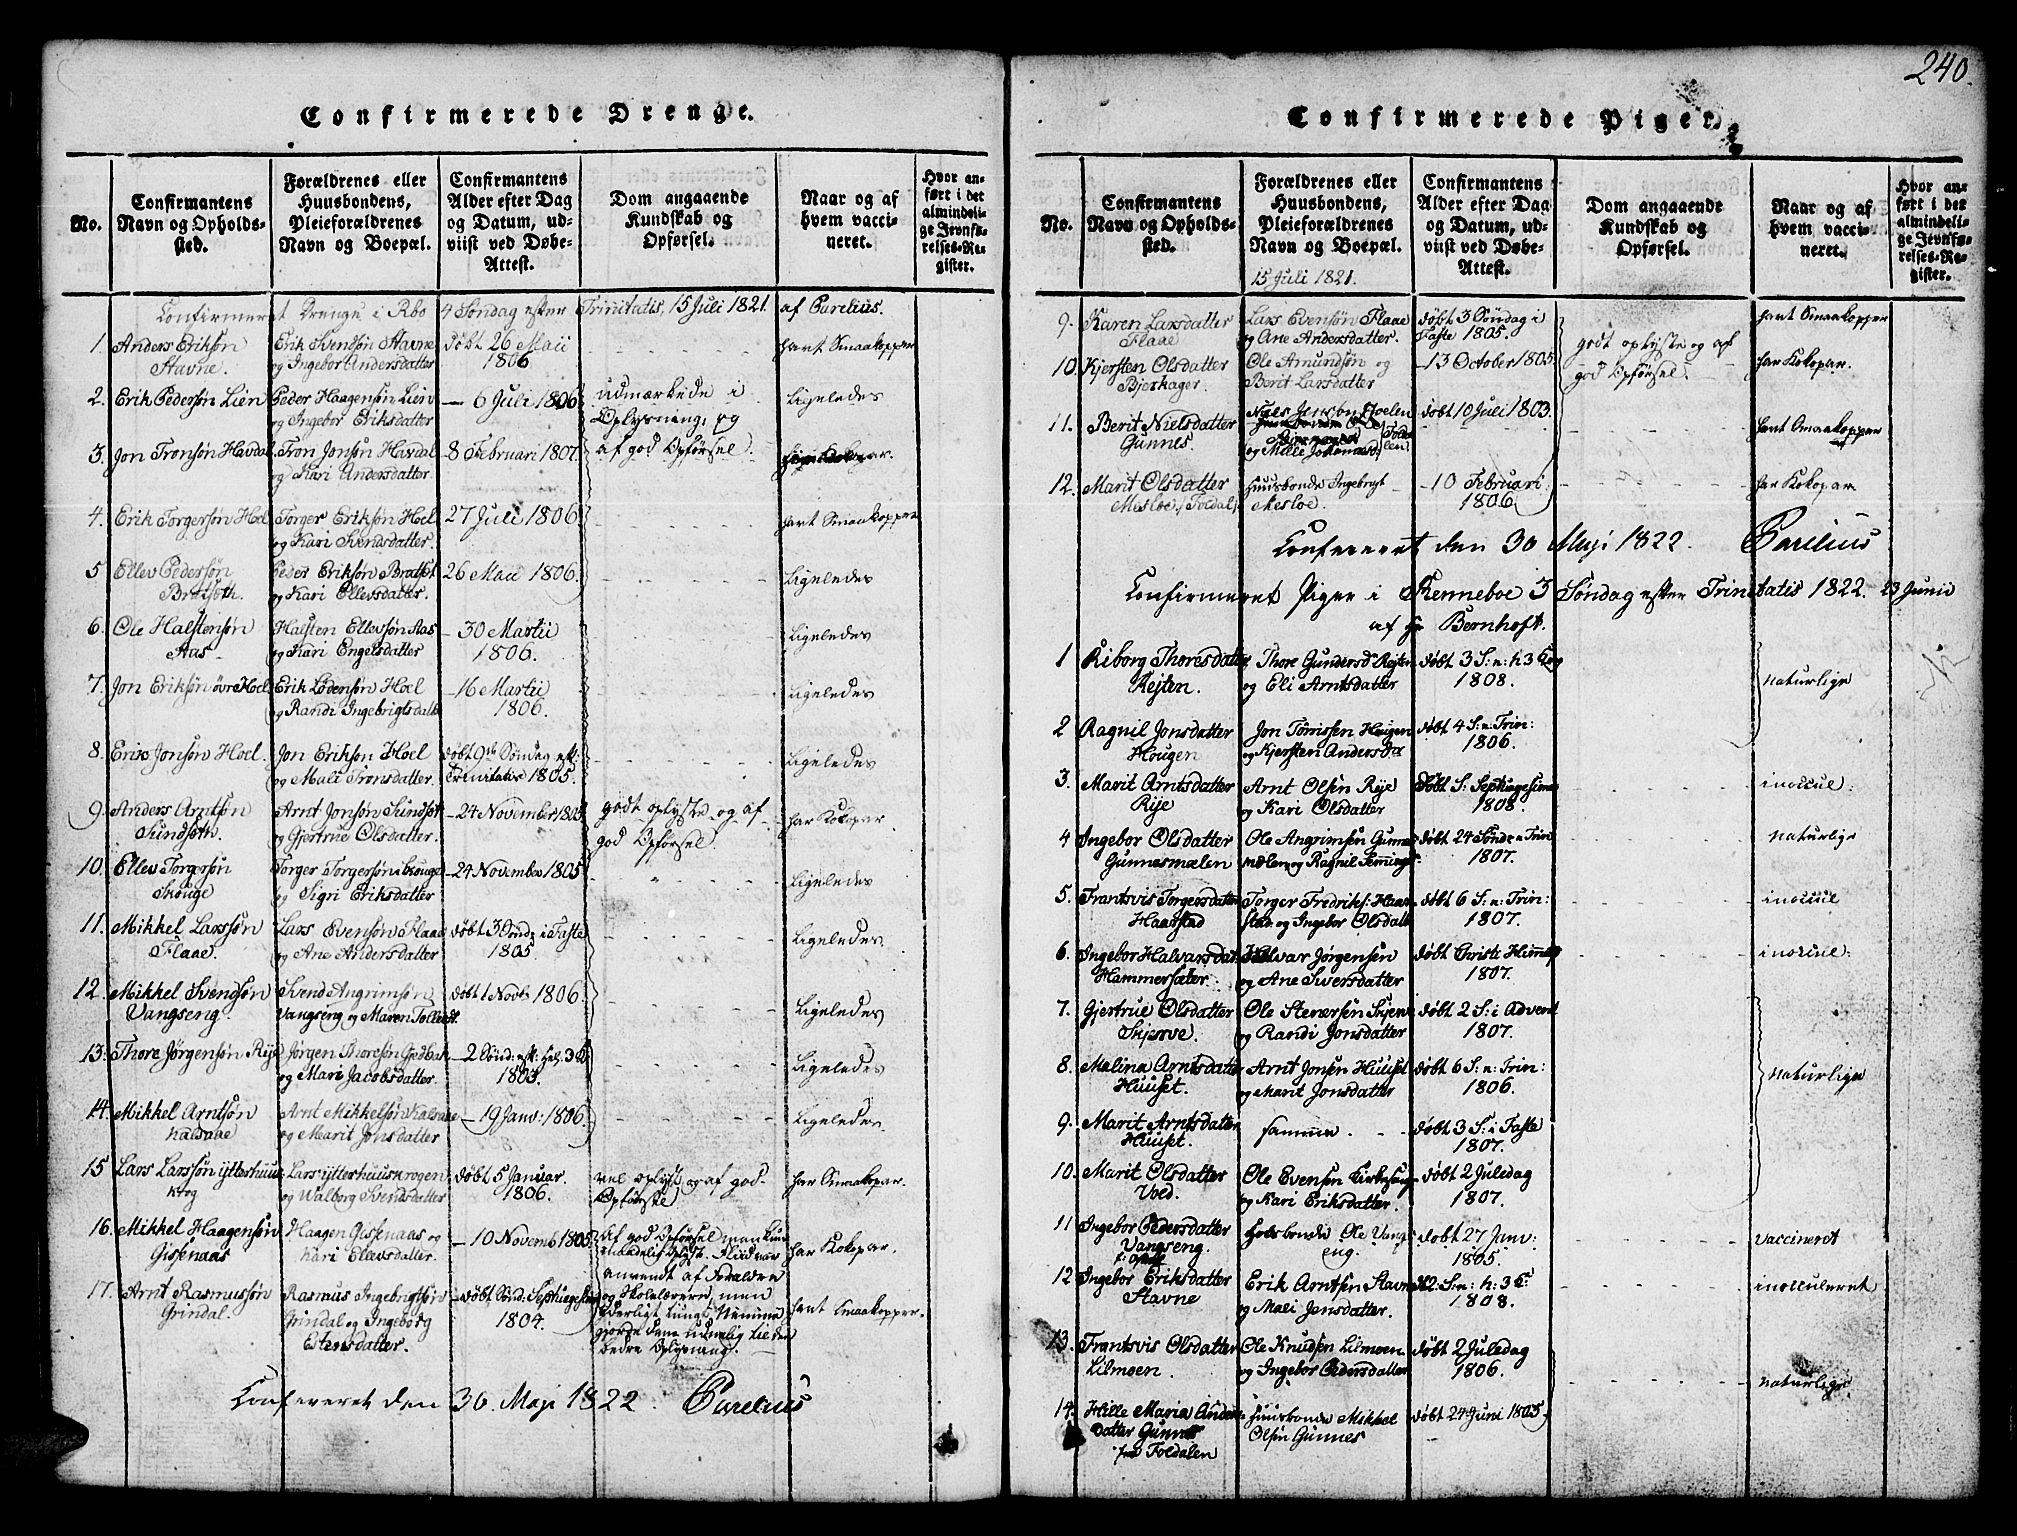 SAT, Ministerialprotokoller, klokkerbøker og fødselsregistre - Sør-Trøndelag, 674/L0874: Klokkerbok nr. 674C01, 1816-1860, s. 240